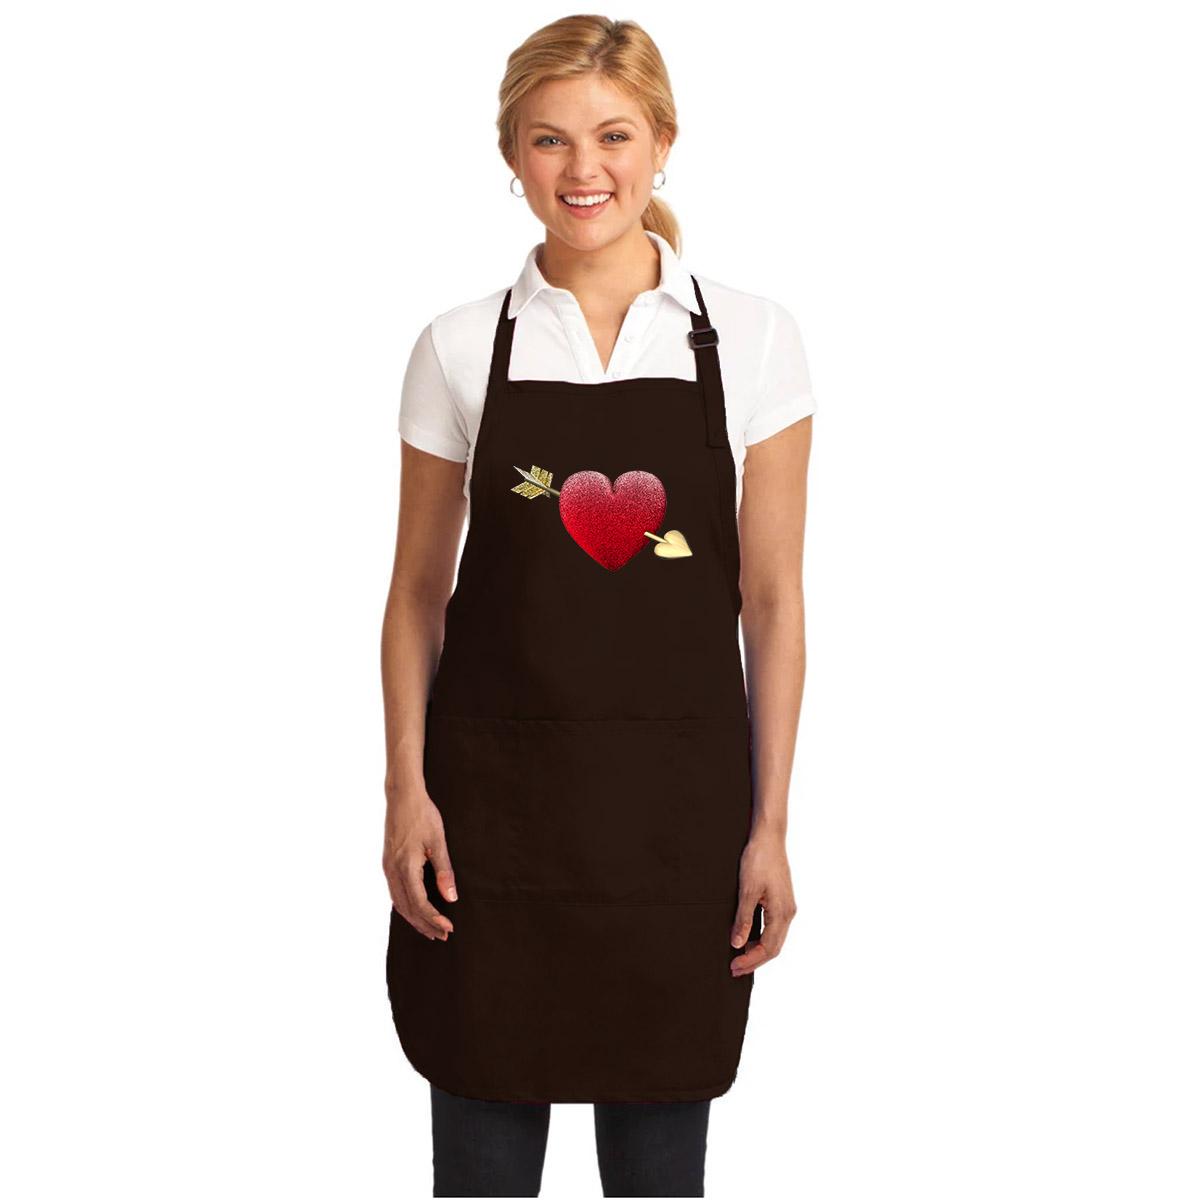 Tạp Dề Làm Bếp In Hình Valentine Mũi Tên Tình Yêu - Mẫu008